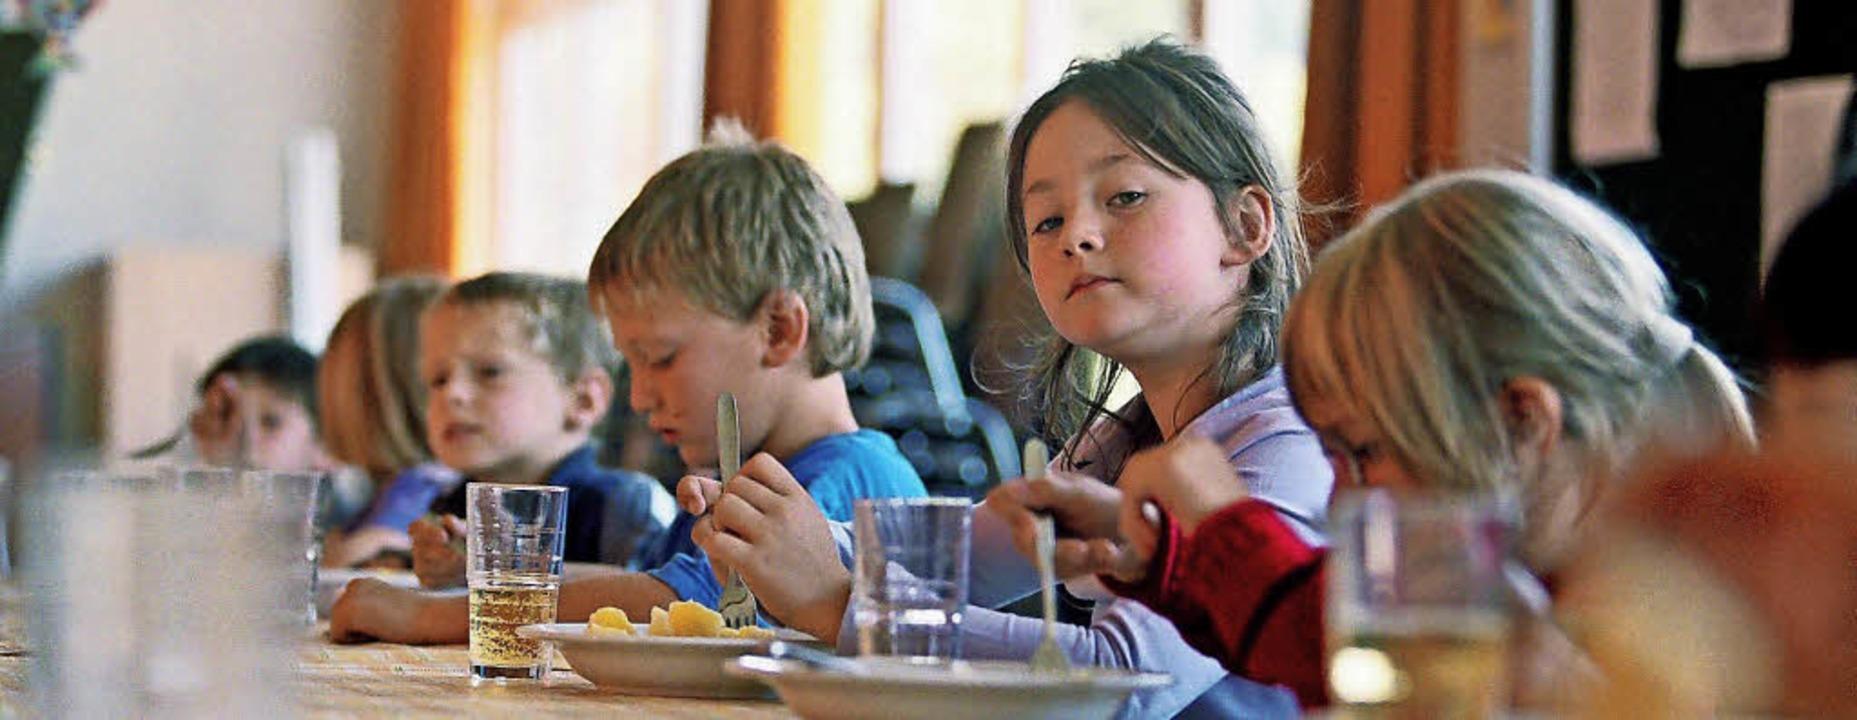 Ab dem kommenden Schuljahr können auch...le besuchen, mittags versorgt werden.     Foto: Symbolfoto: dpa